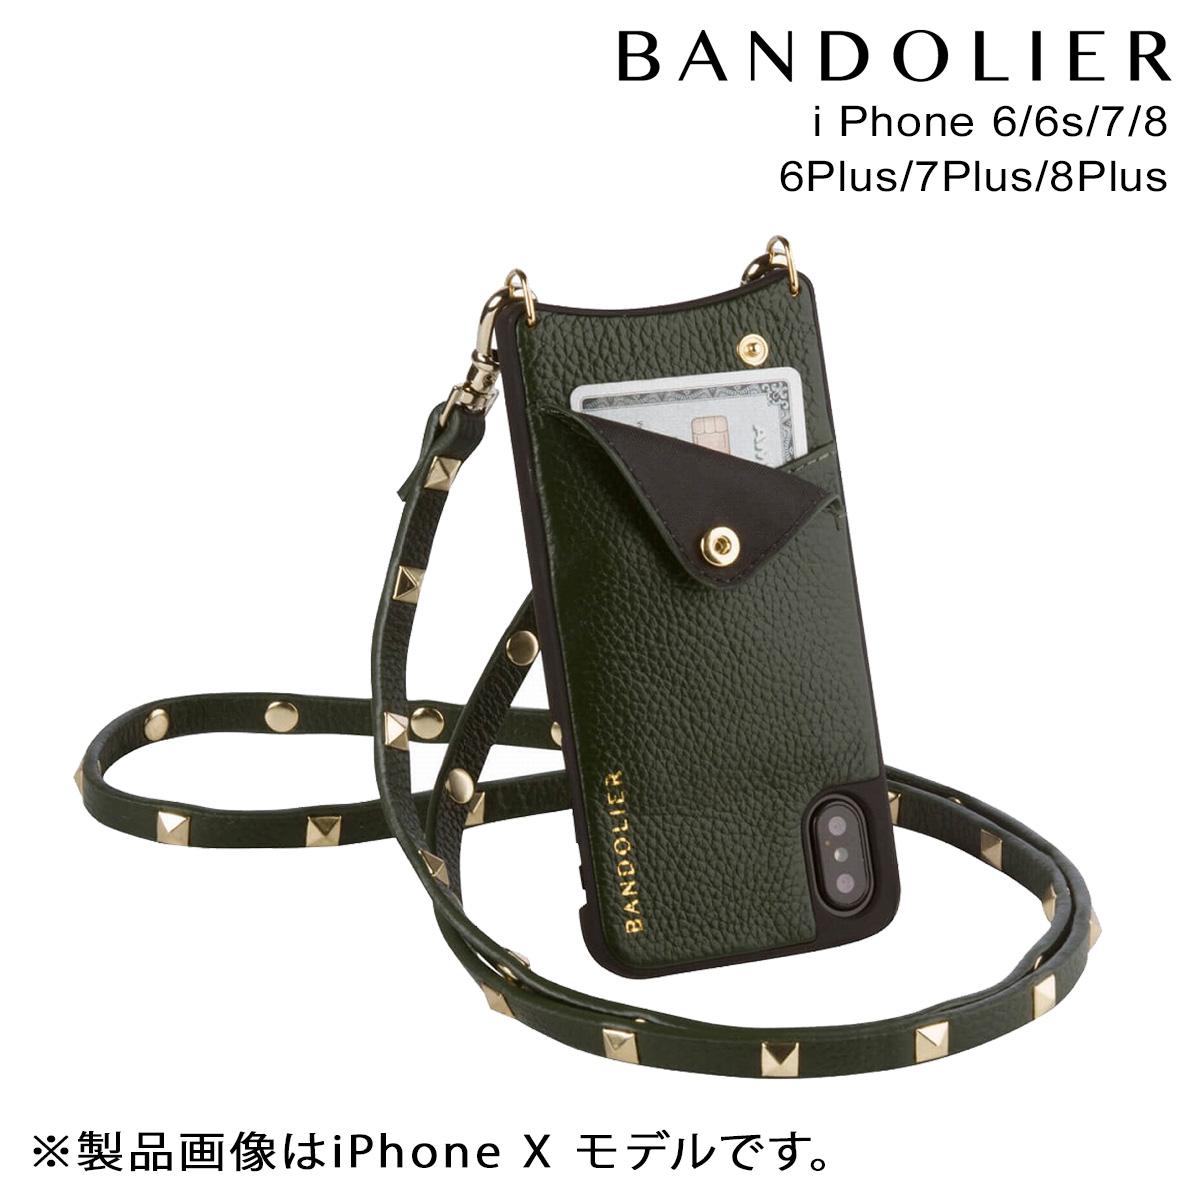 【最大2000円OFFクーポン】 BANDOLIER バンドリヤー iPhone8 iPhone7 7Plus 6s ケース スマホ アイフォン プラス SARAH EVERGREEN メンズ レディース